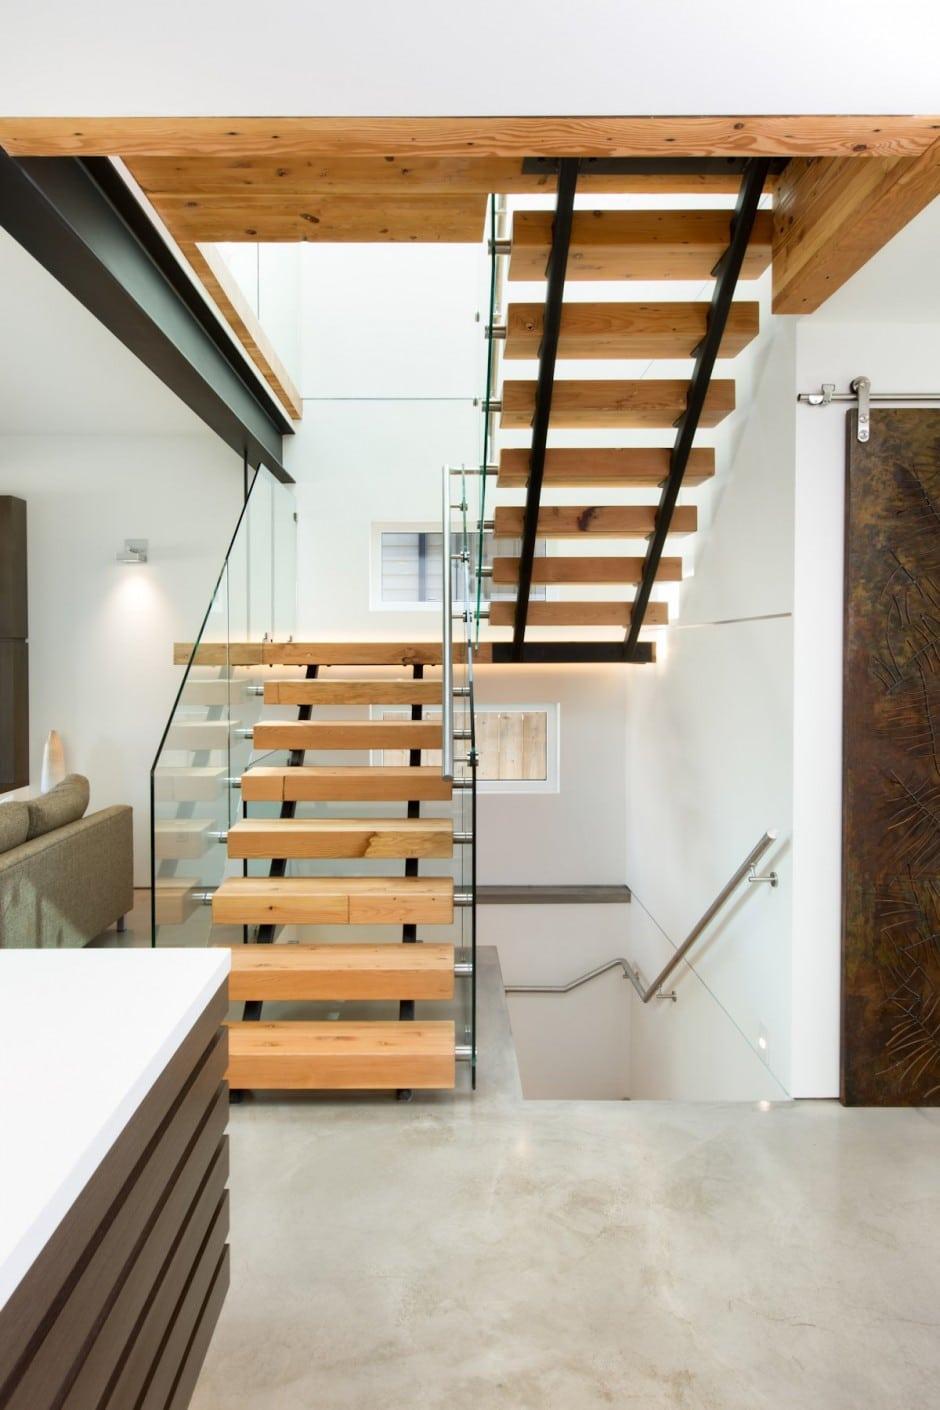 diseo de escaleras modernas con pasamanos de vidrio laminado